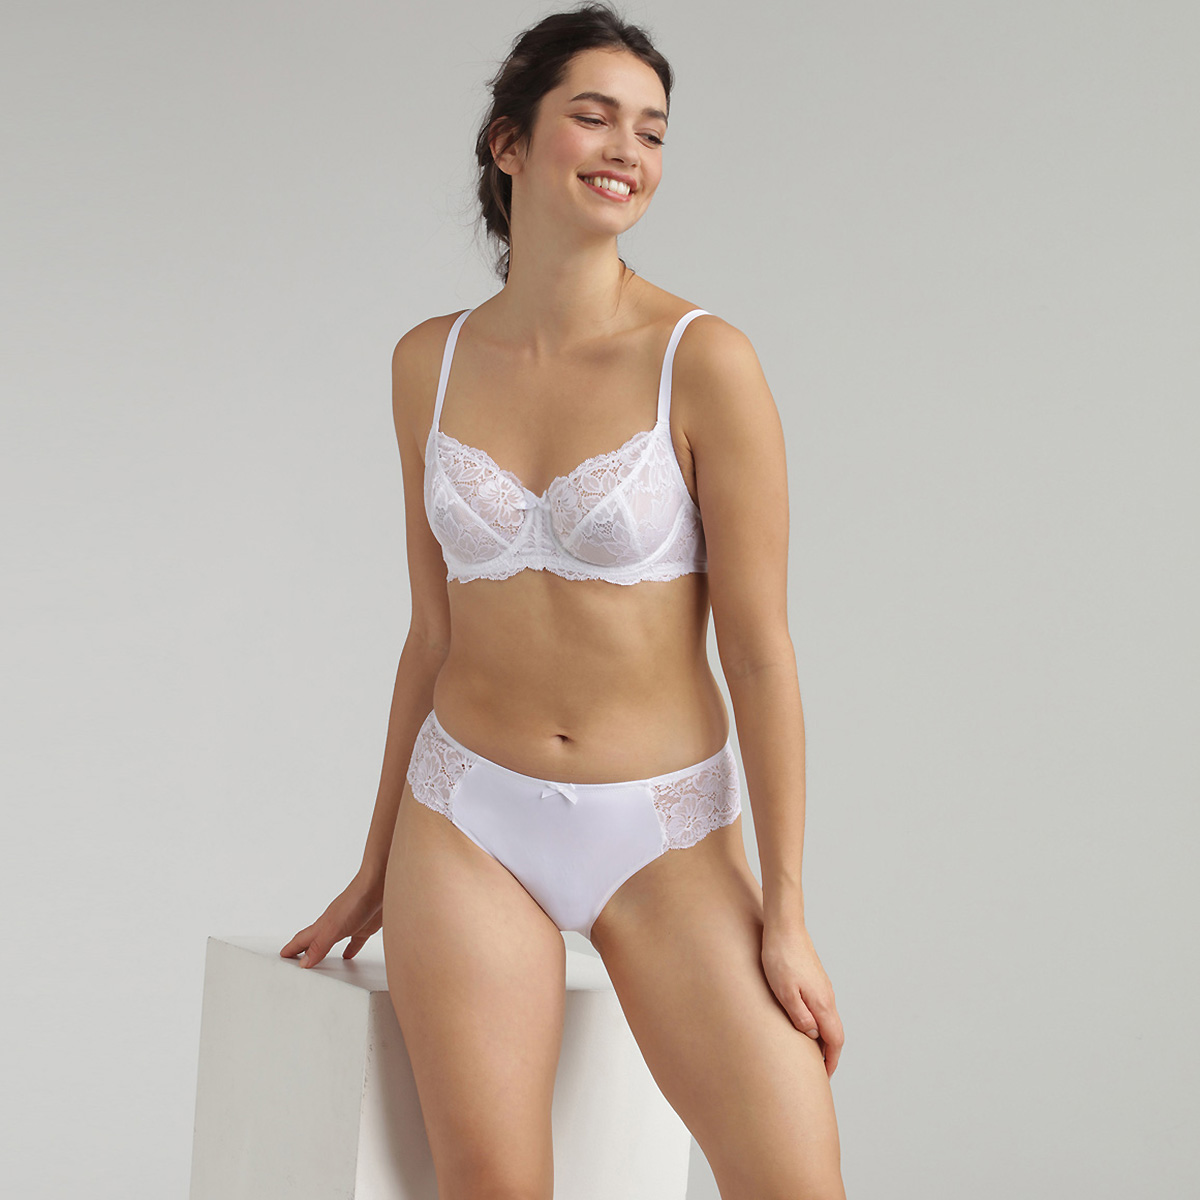 Reggiseno balconcino con ferretto bianco Essential Elegance, , PLAYTEX